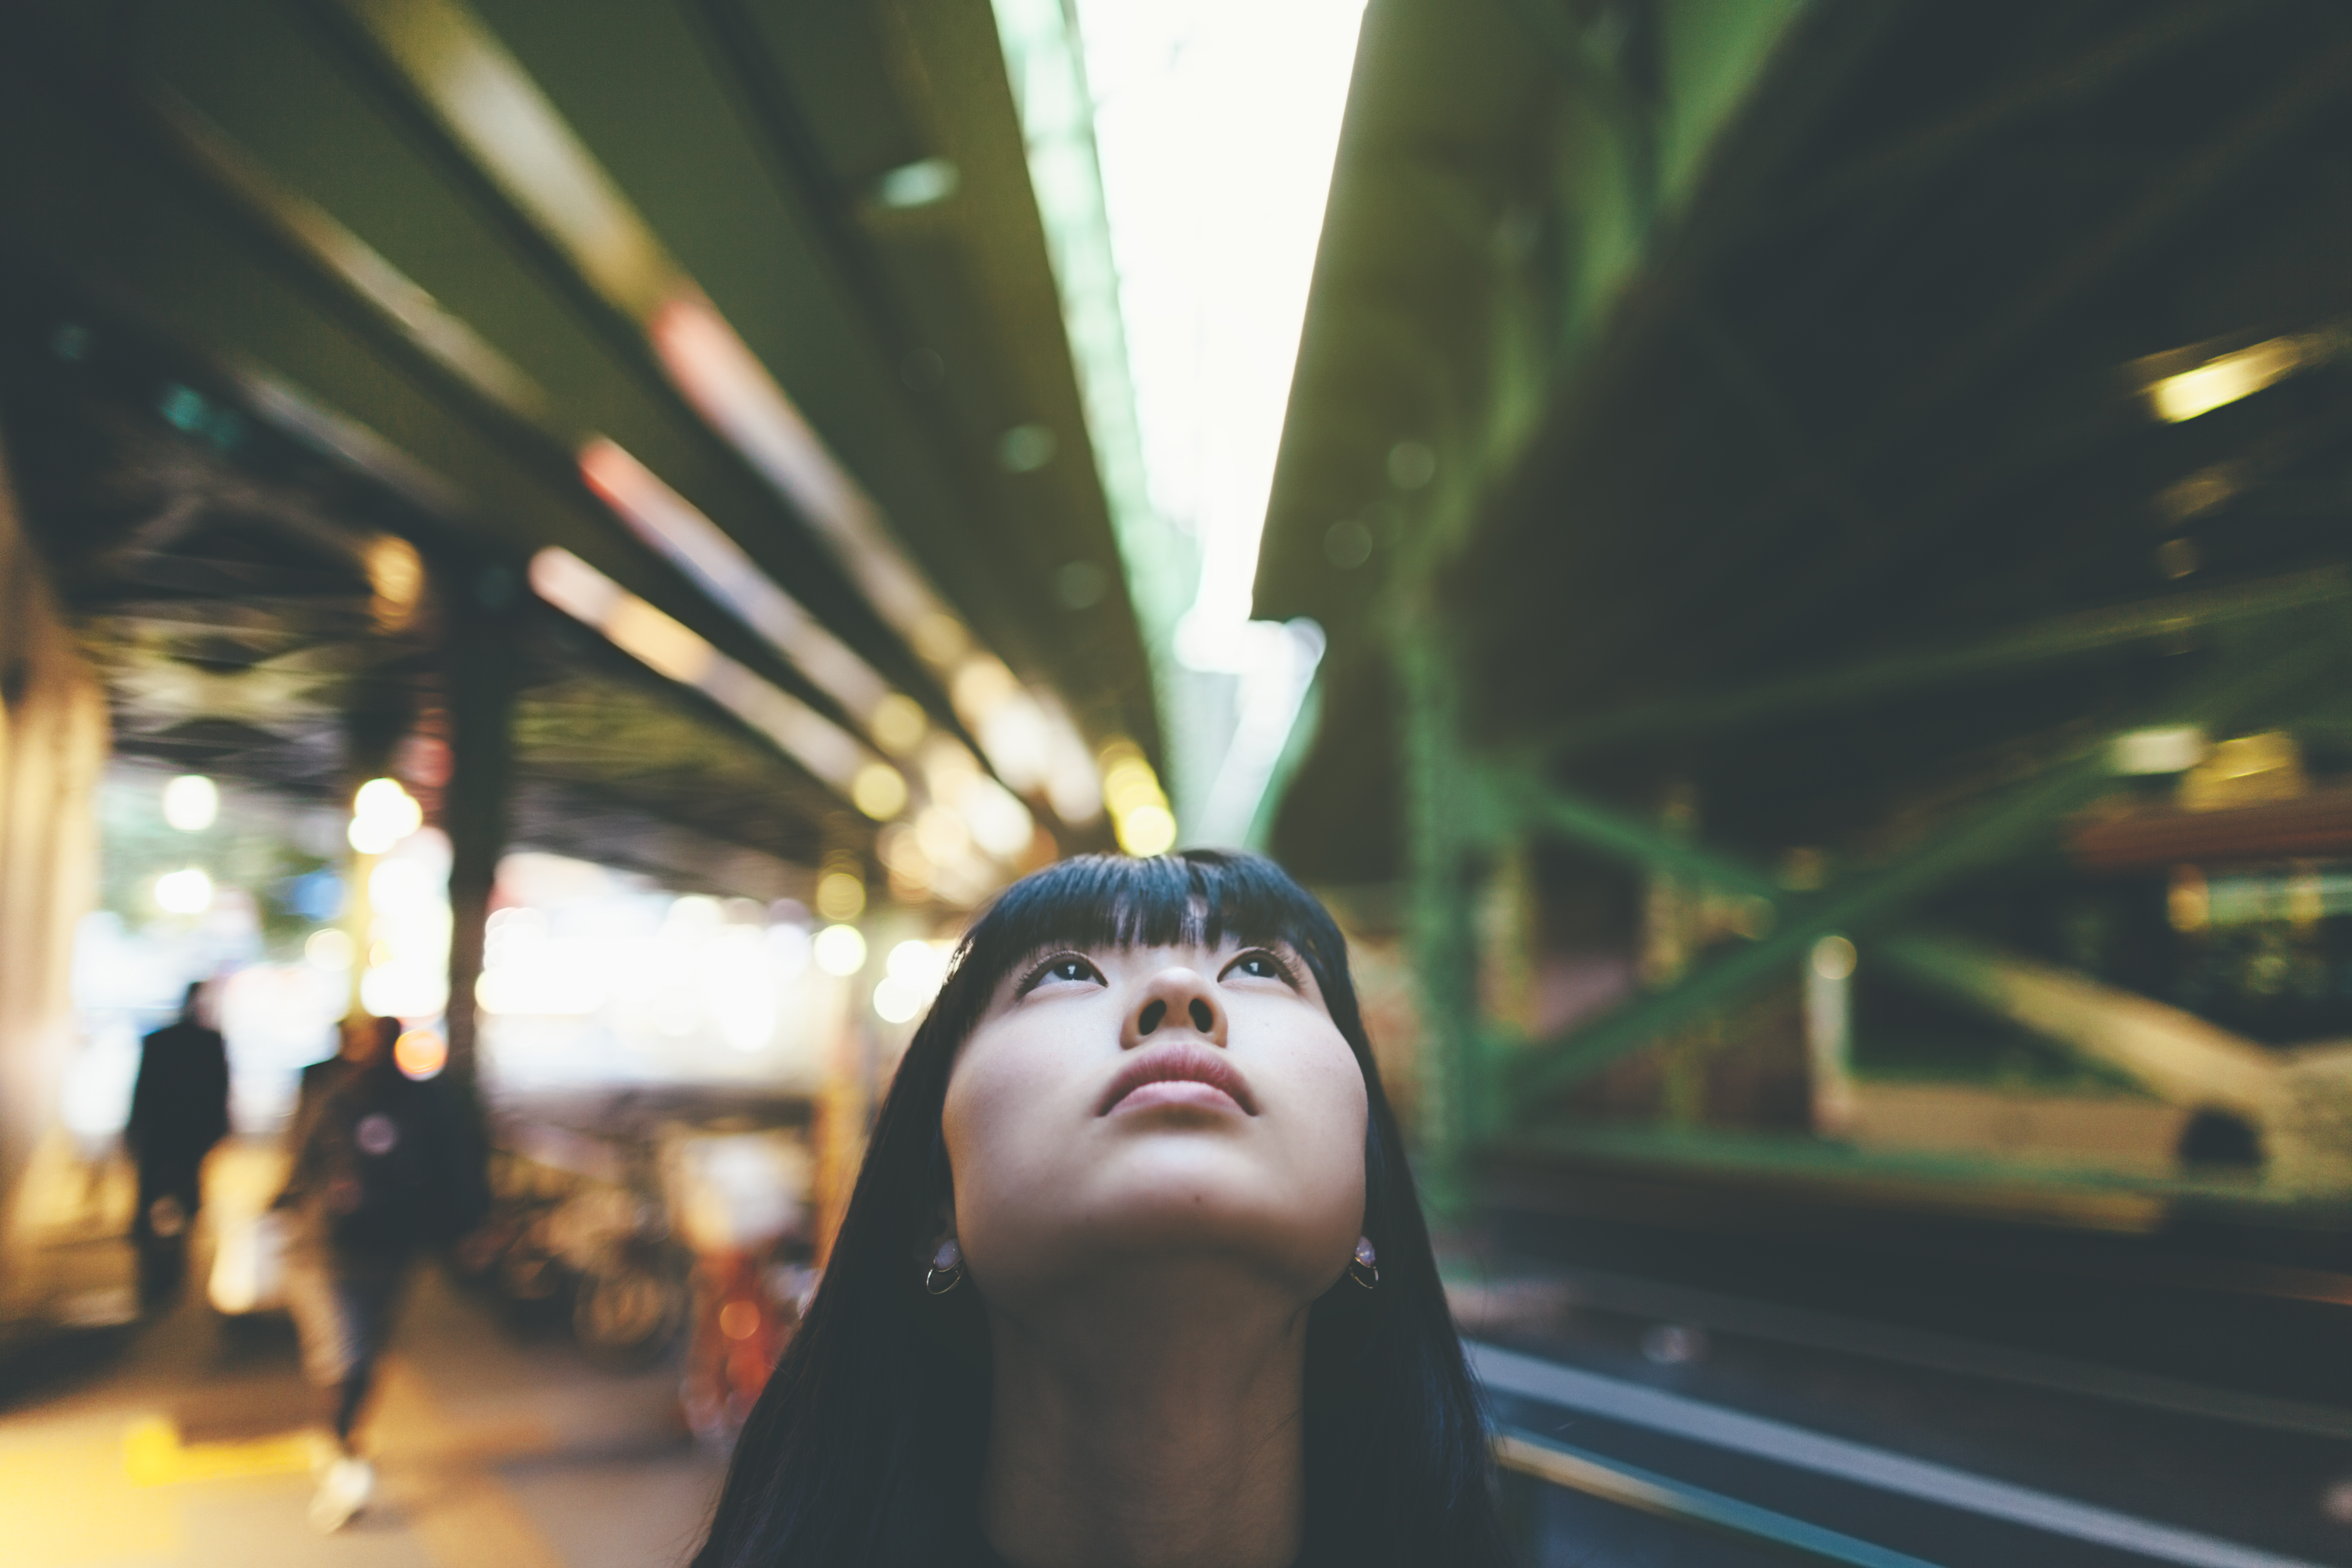 single woman in city